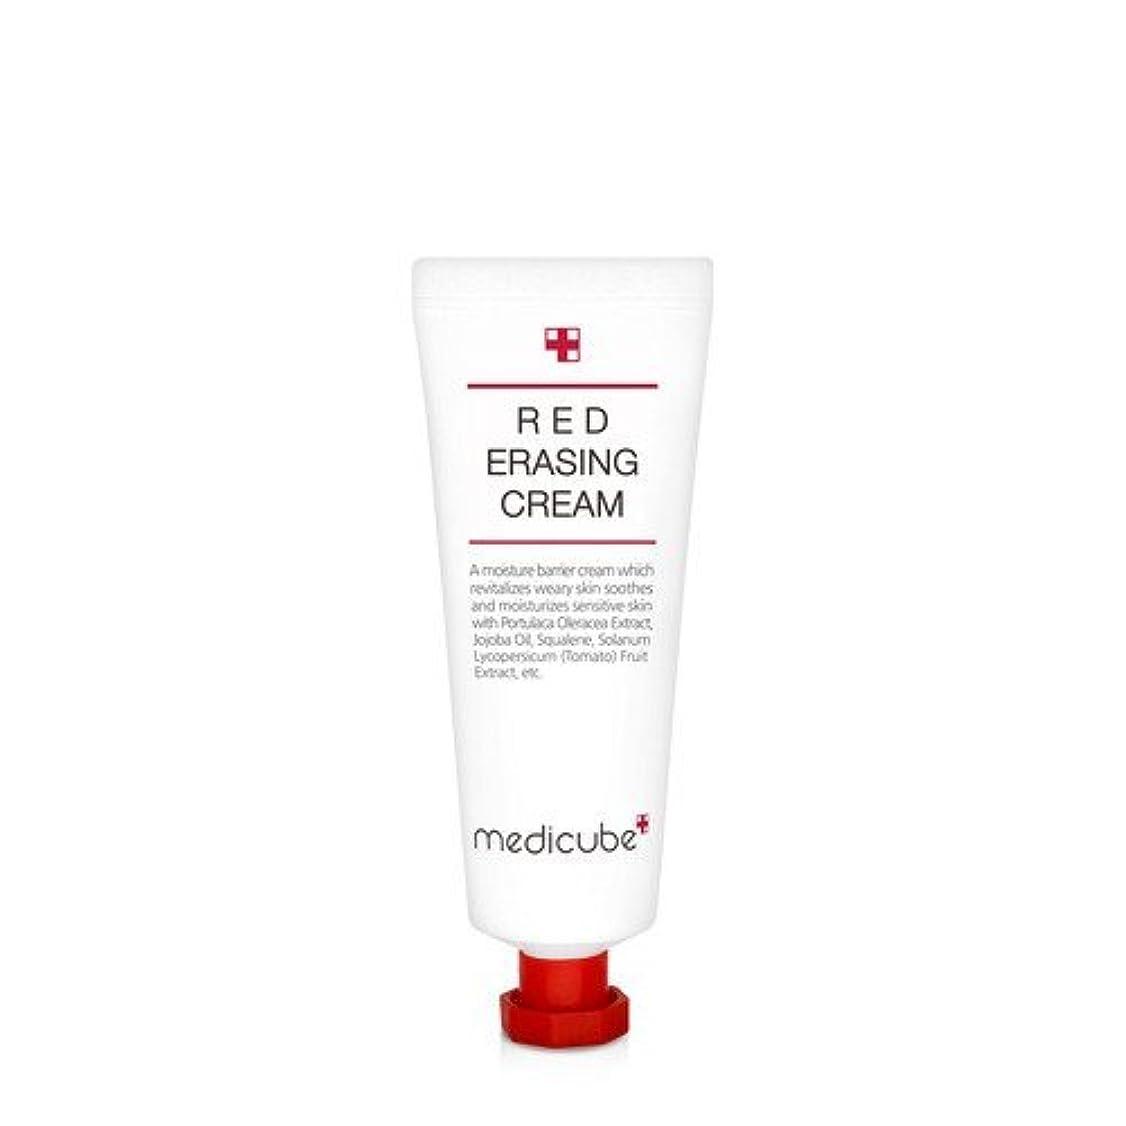 結晶外観勝利した[Medicube]Red Erasing Cream 50g / メディキューブレッドイレイジングクリーム / 正品?海外直送商品 [並行輸入品]